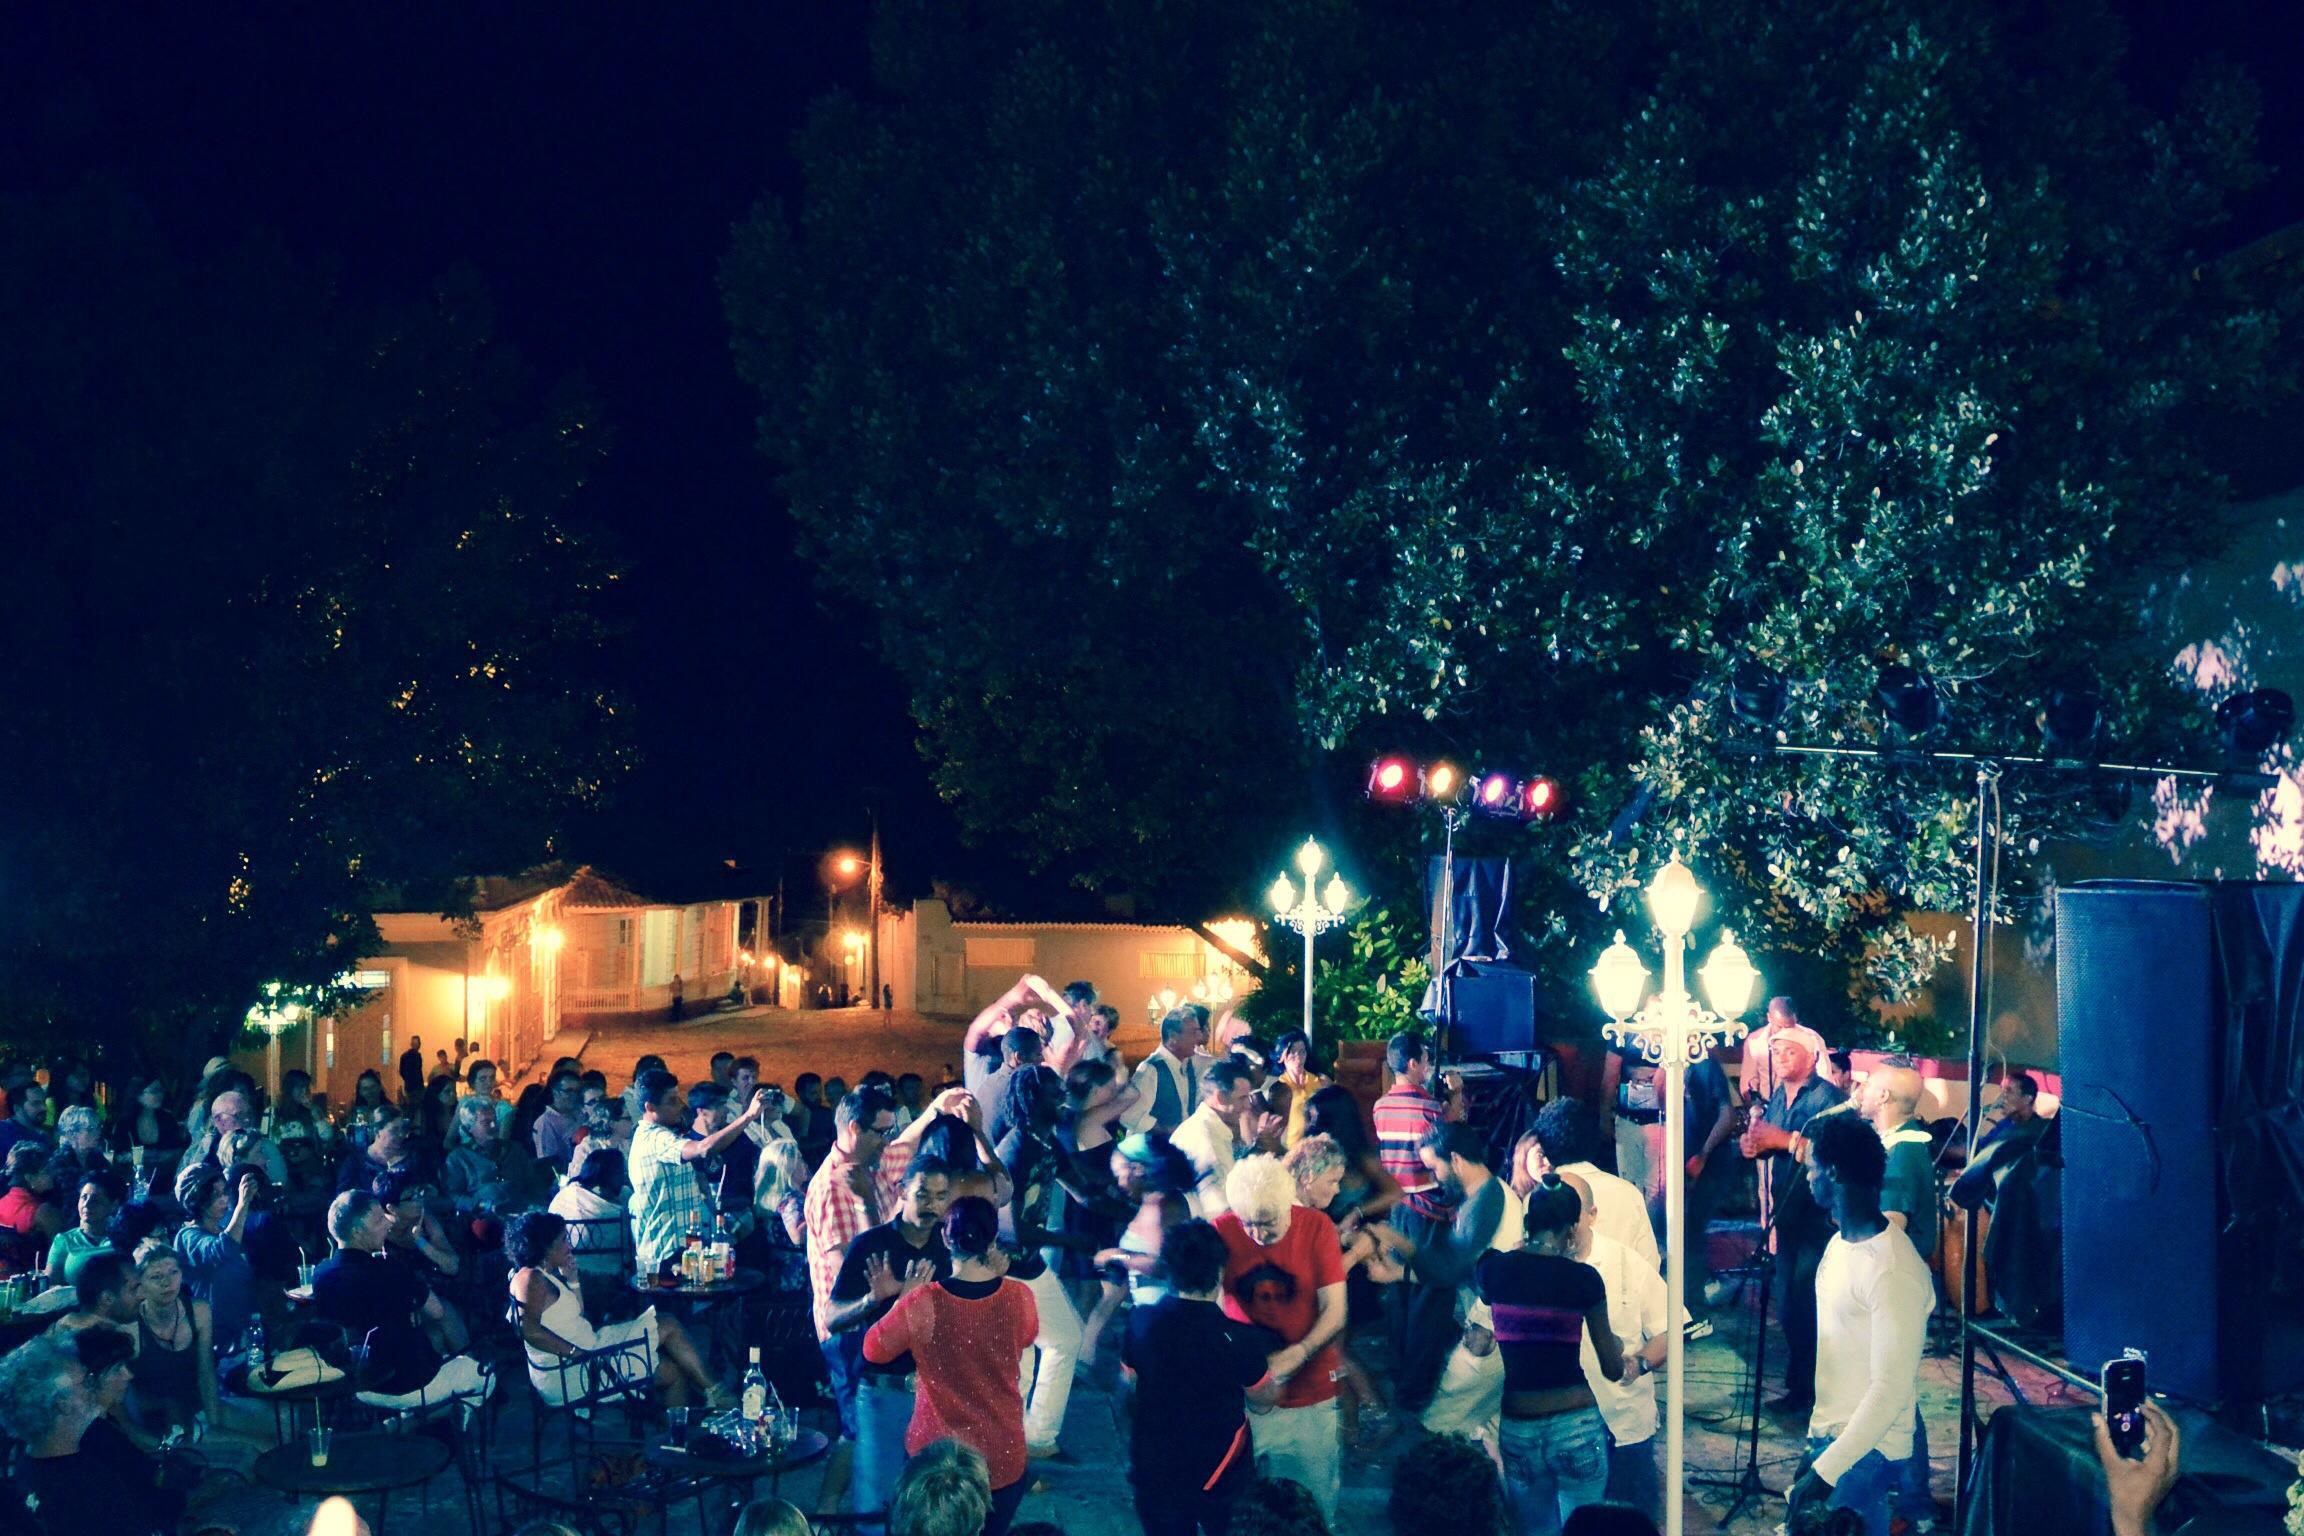 Trinidad at night